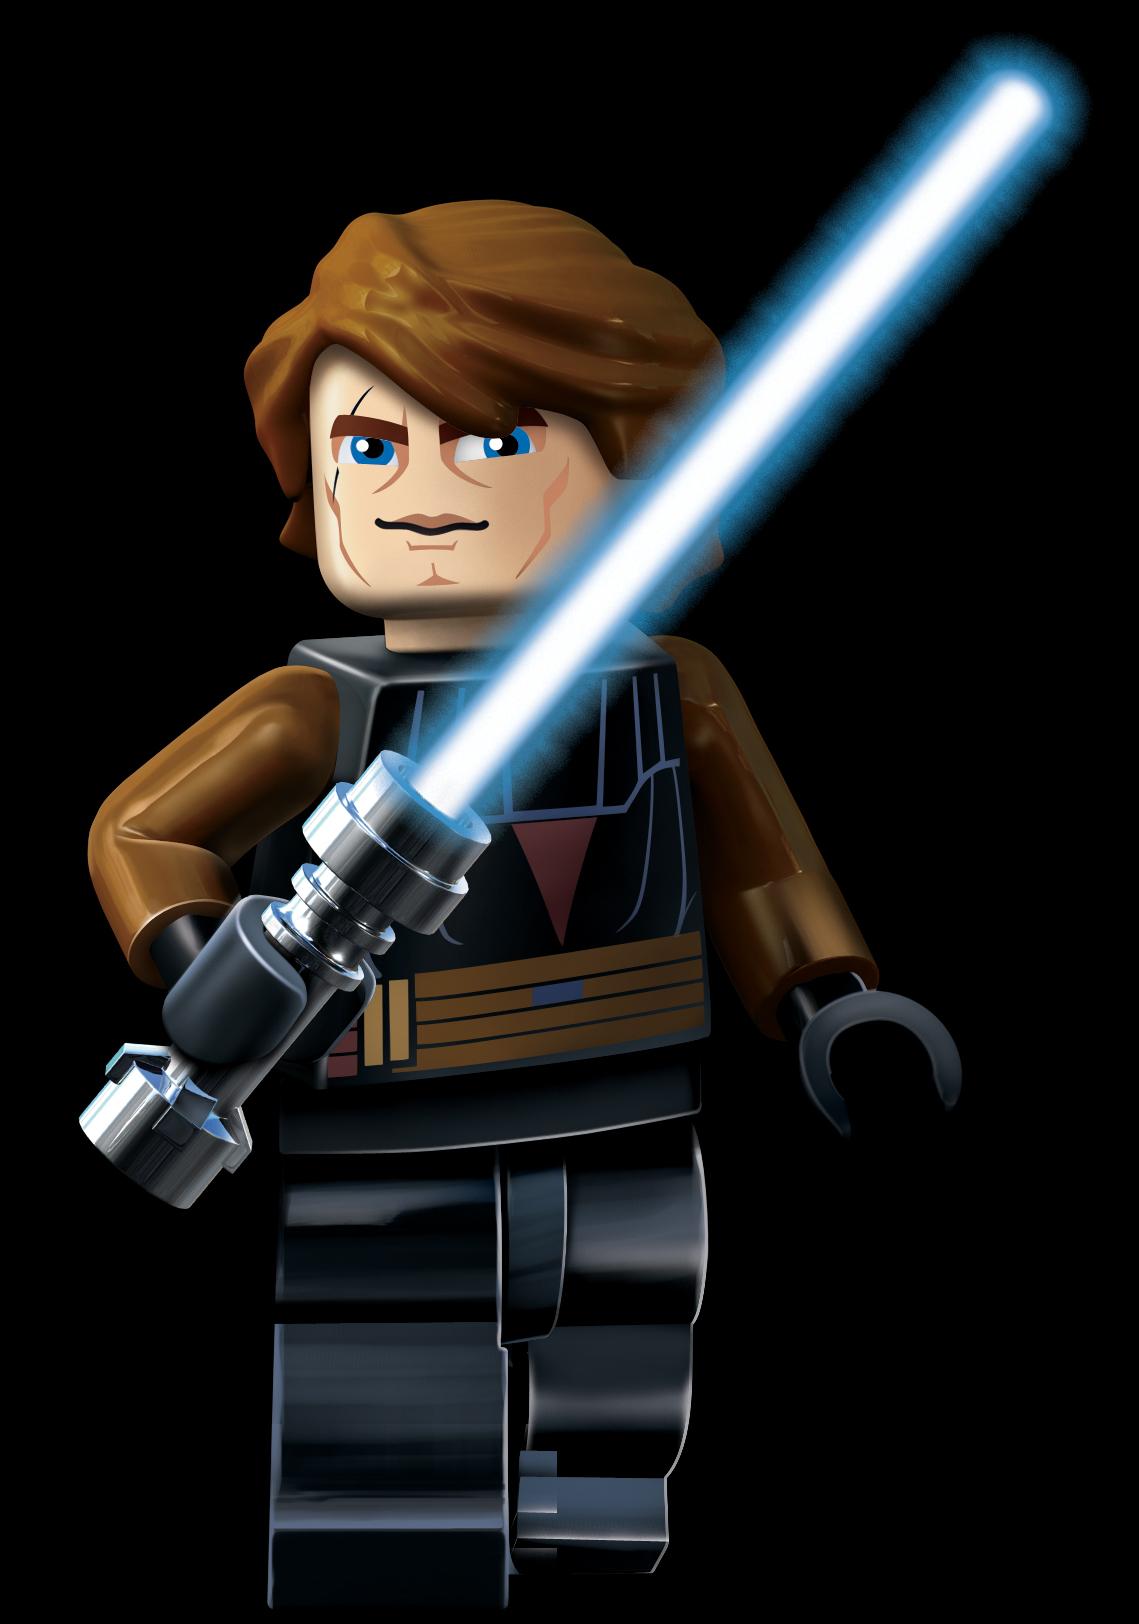 Blue eyes - Lego star wars anakin ghost ...